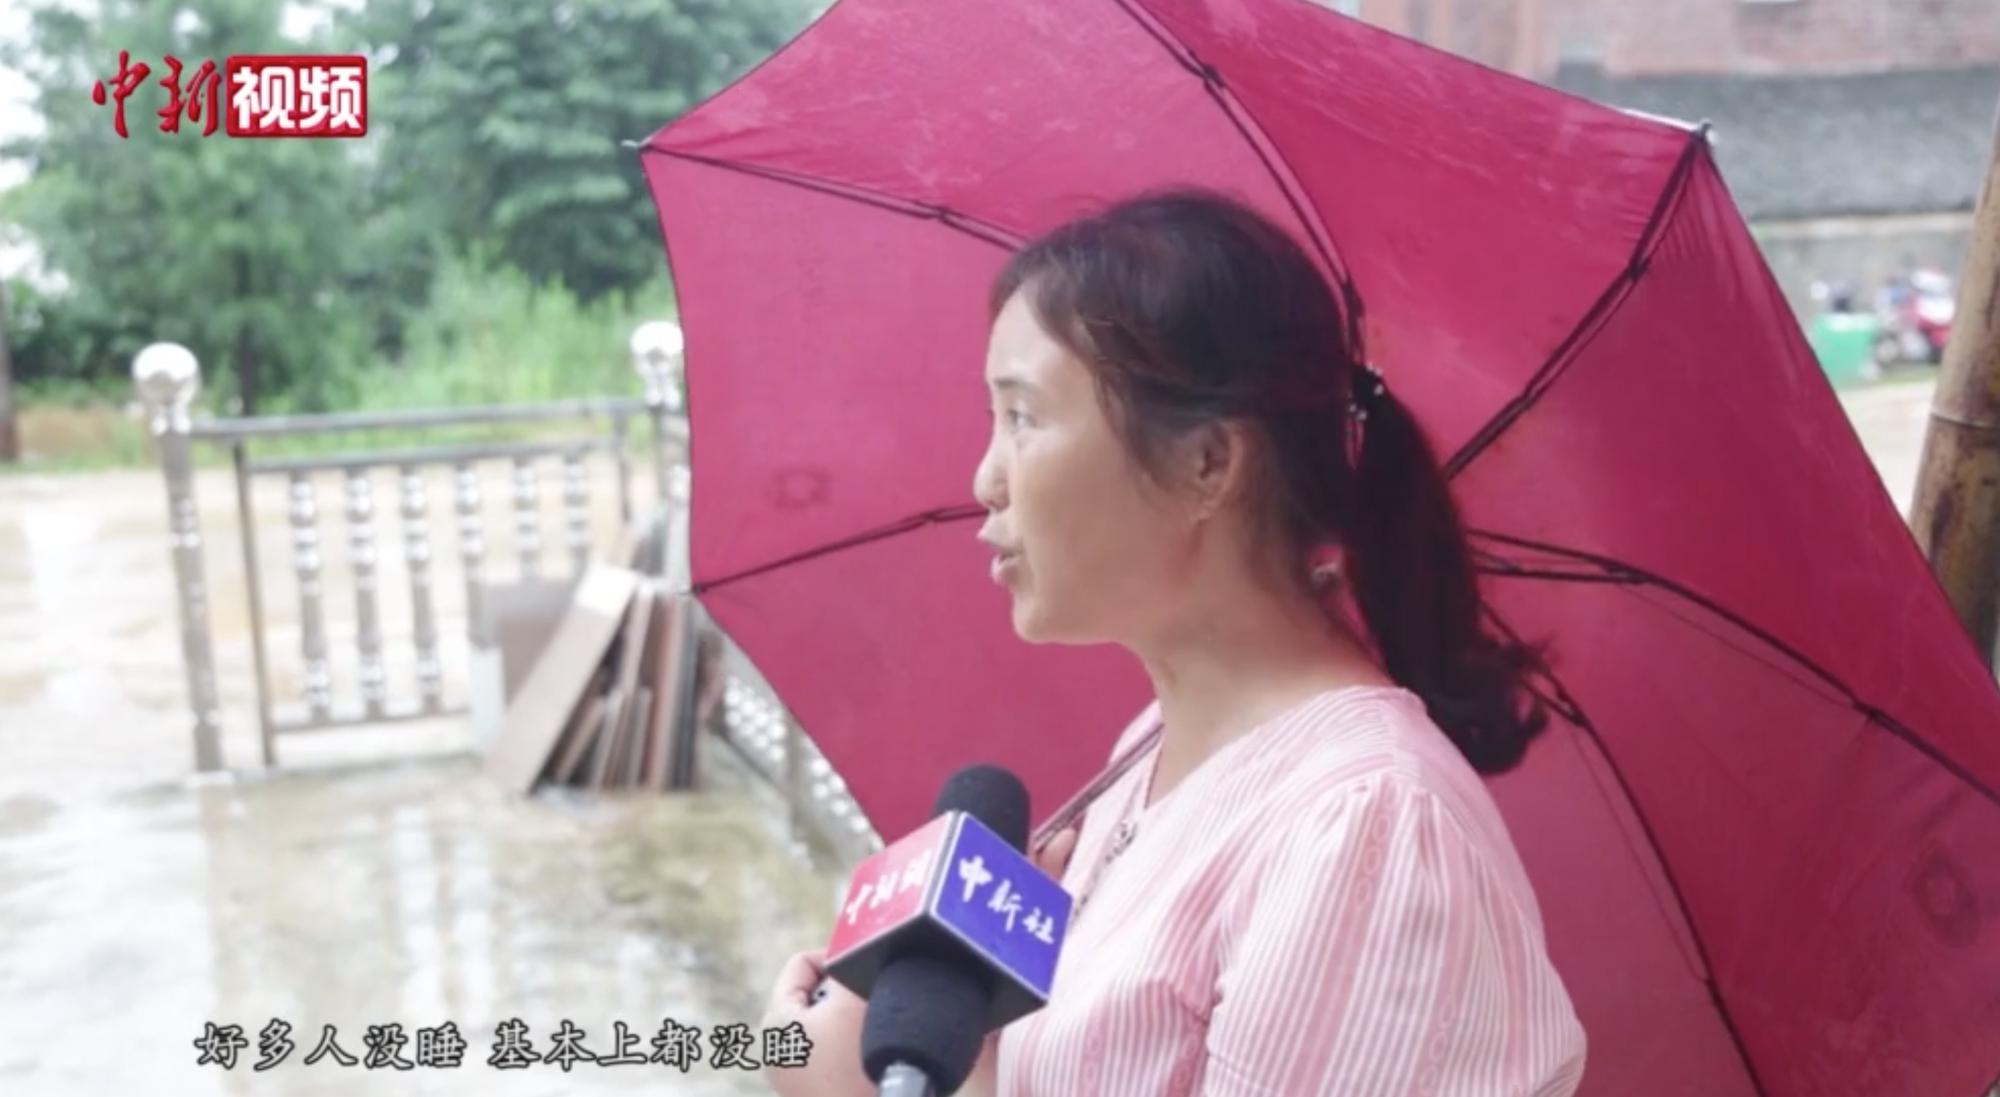 Trung Quốc: Cảnh báo hồ nước ngọt lớn nhất nước sắp tràn bờ, người dân lo ngại thảm họa đại hồng thủy 1998 lặp lại - Ảnh 4.